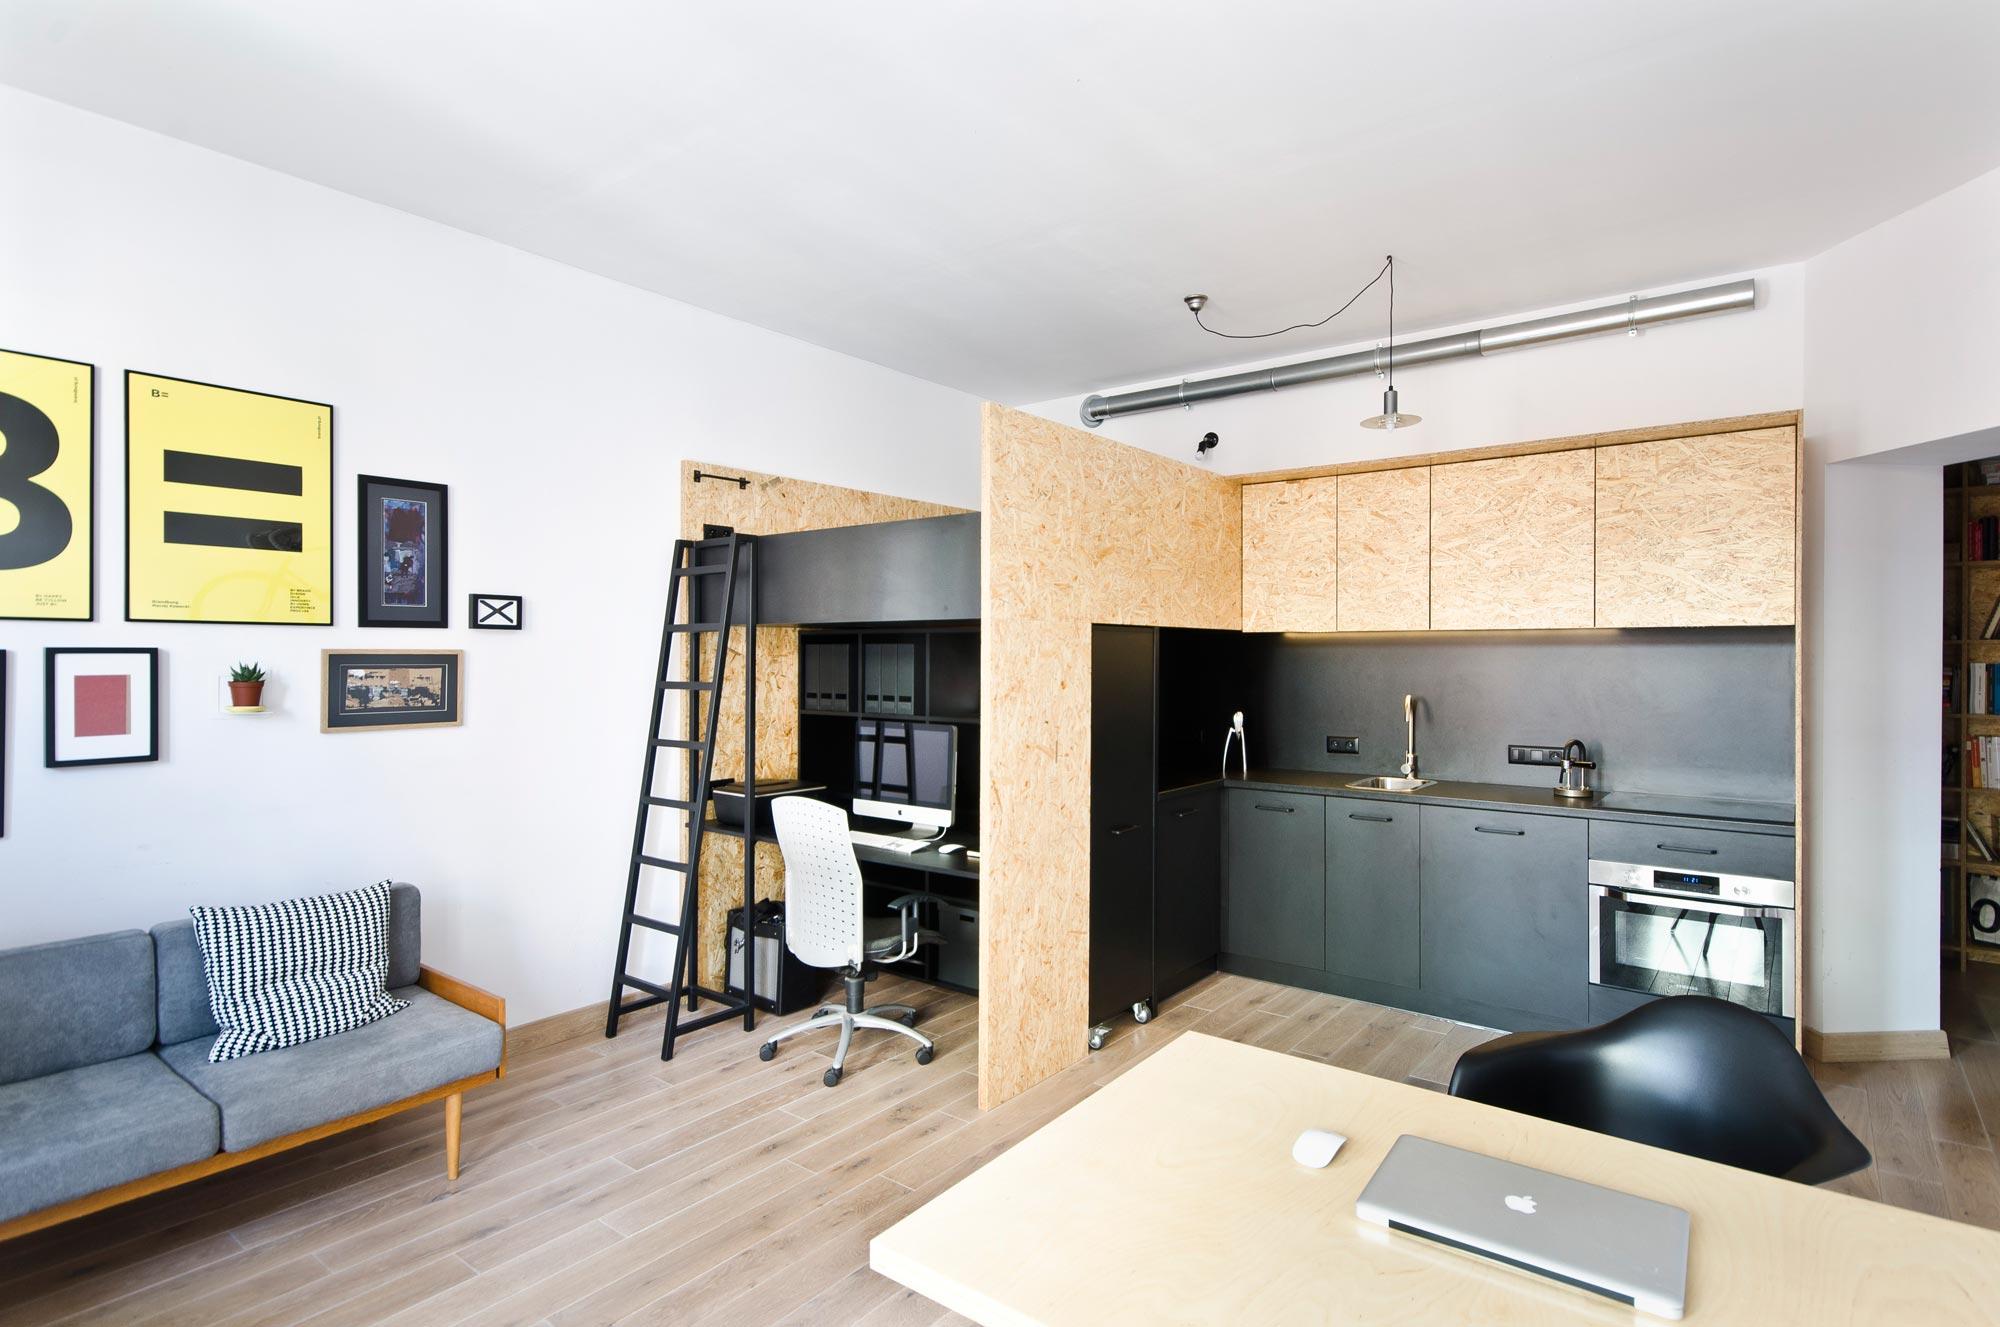 квартира студия 23 кв метра идеи интерьер